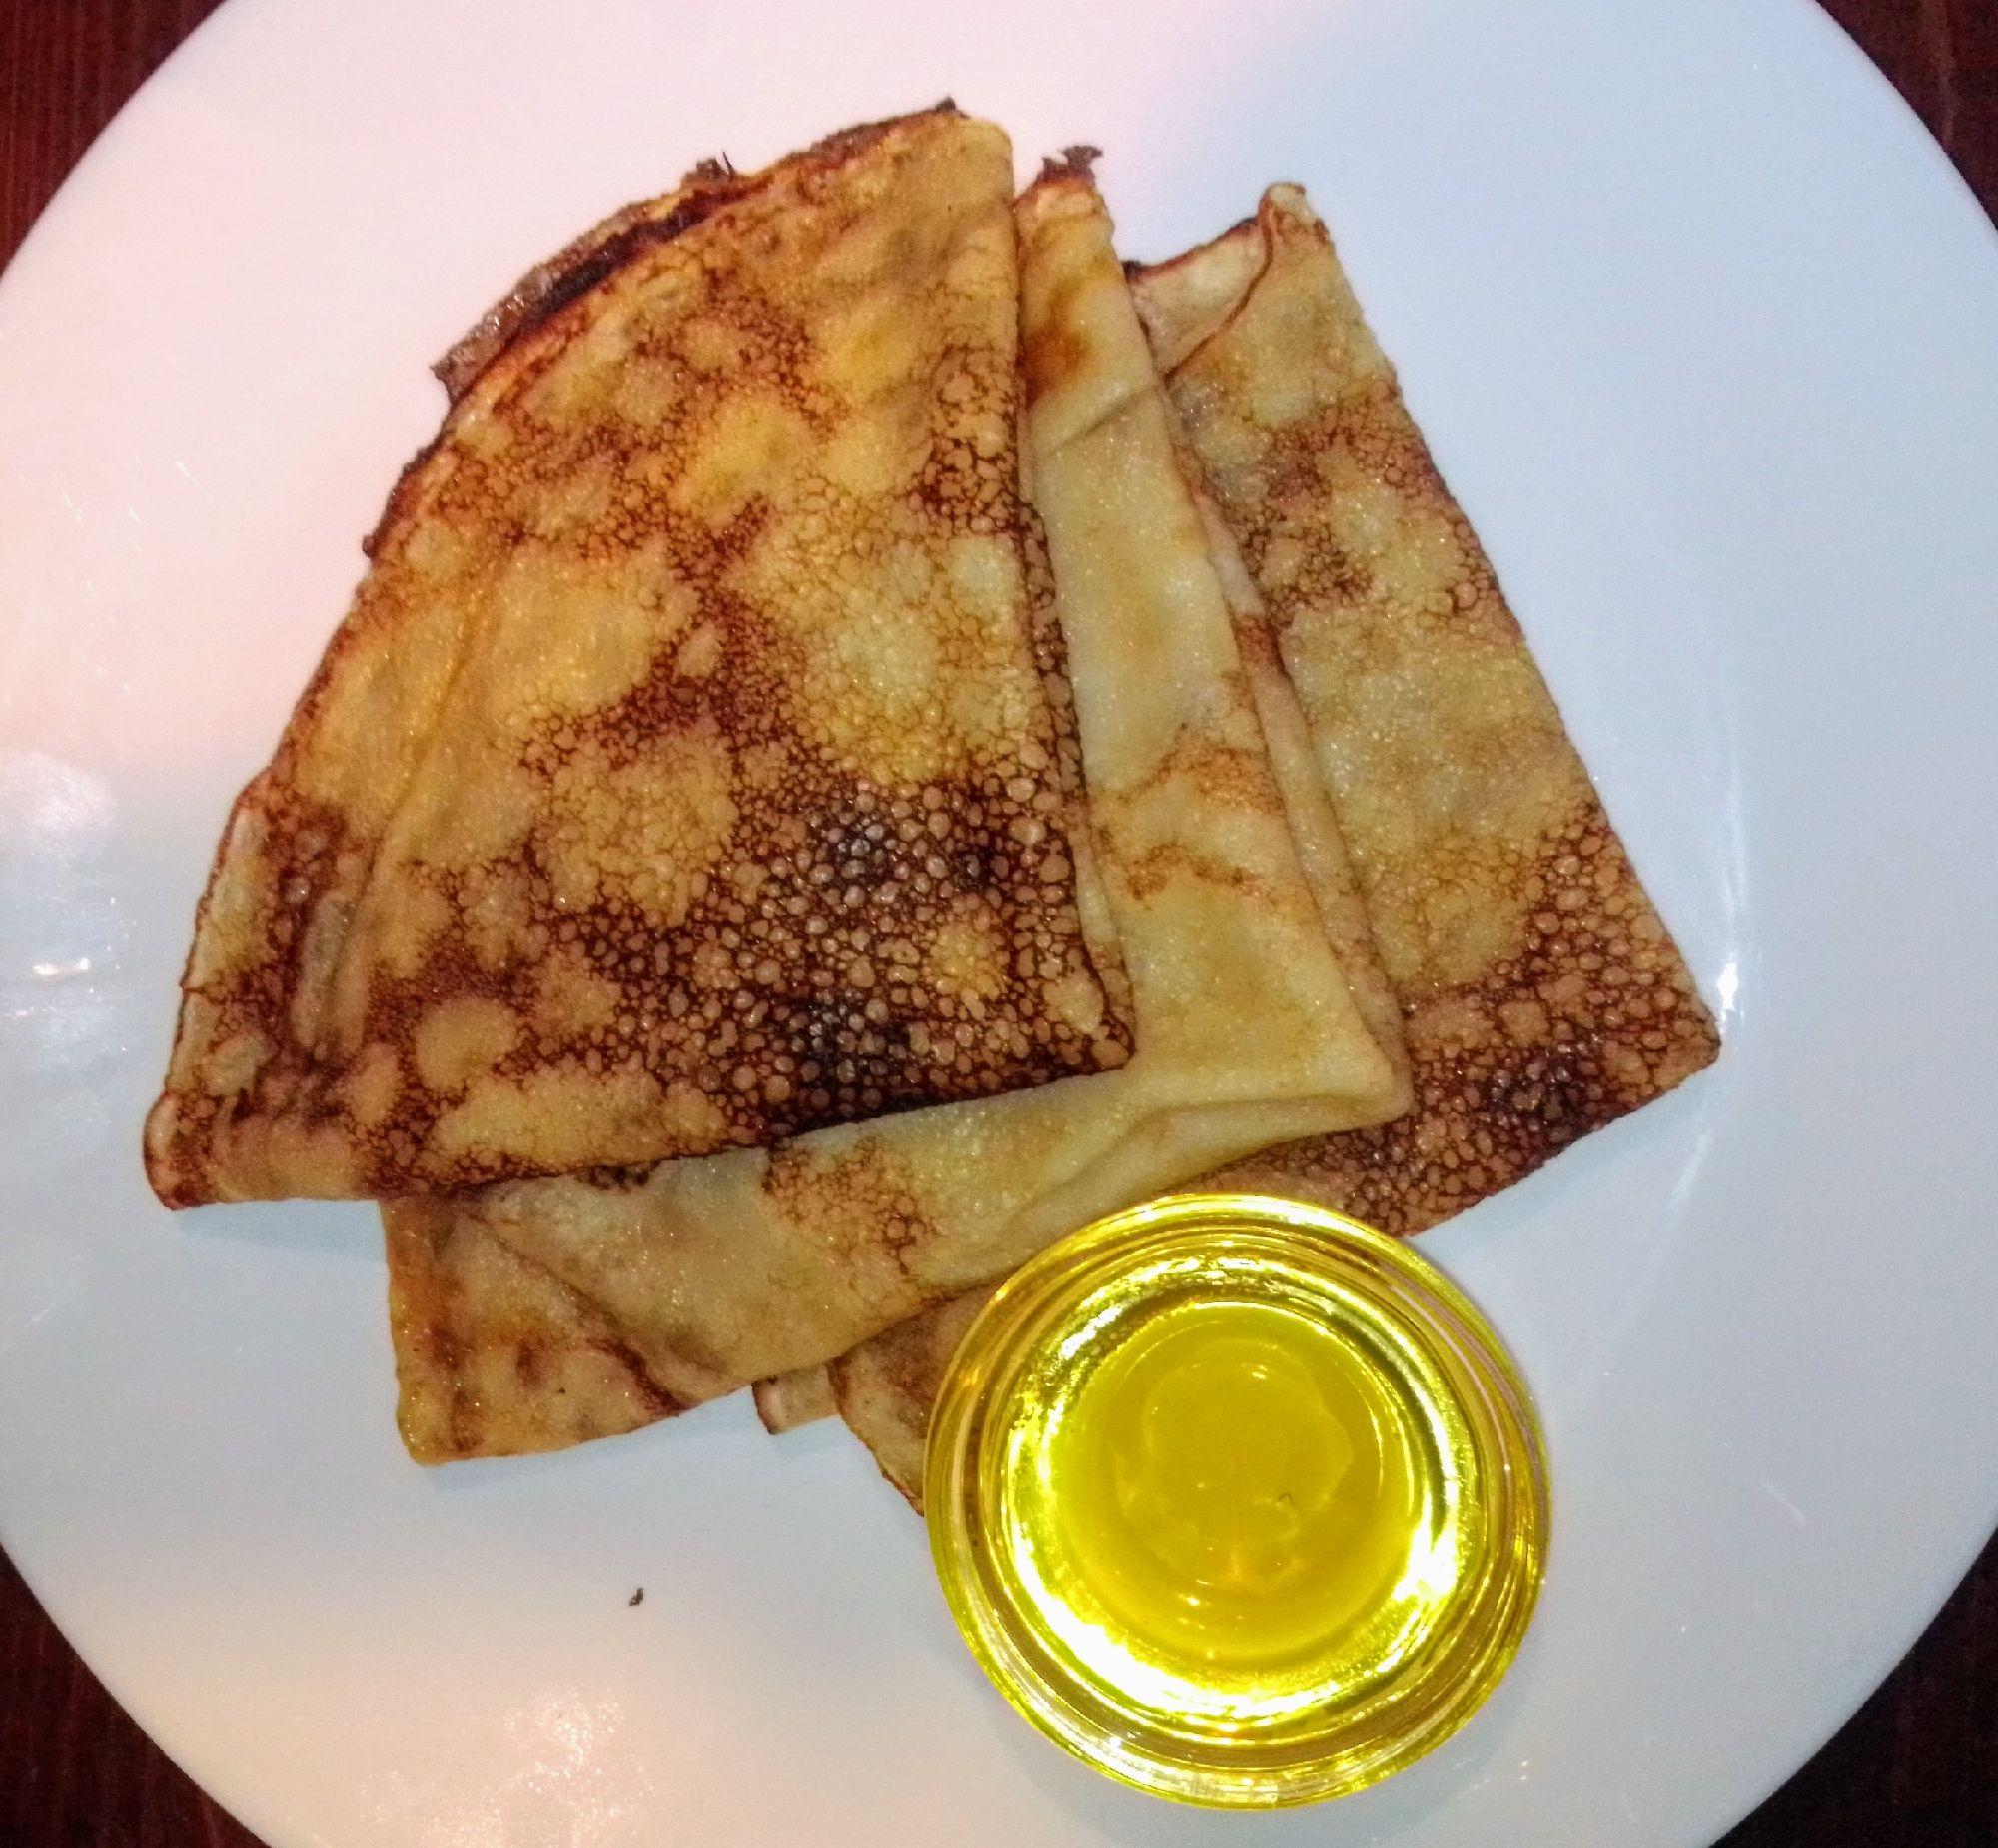 Порция блинов с мёдом всего 66 рублей